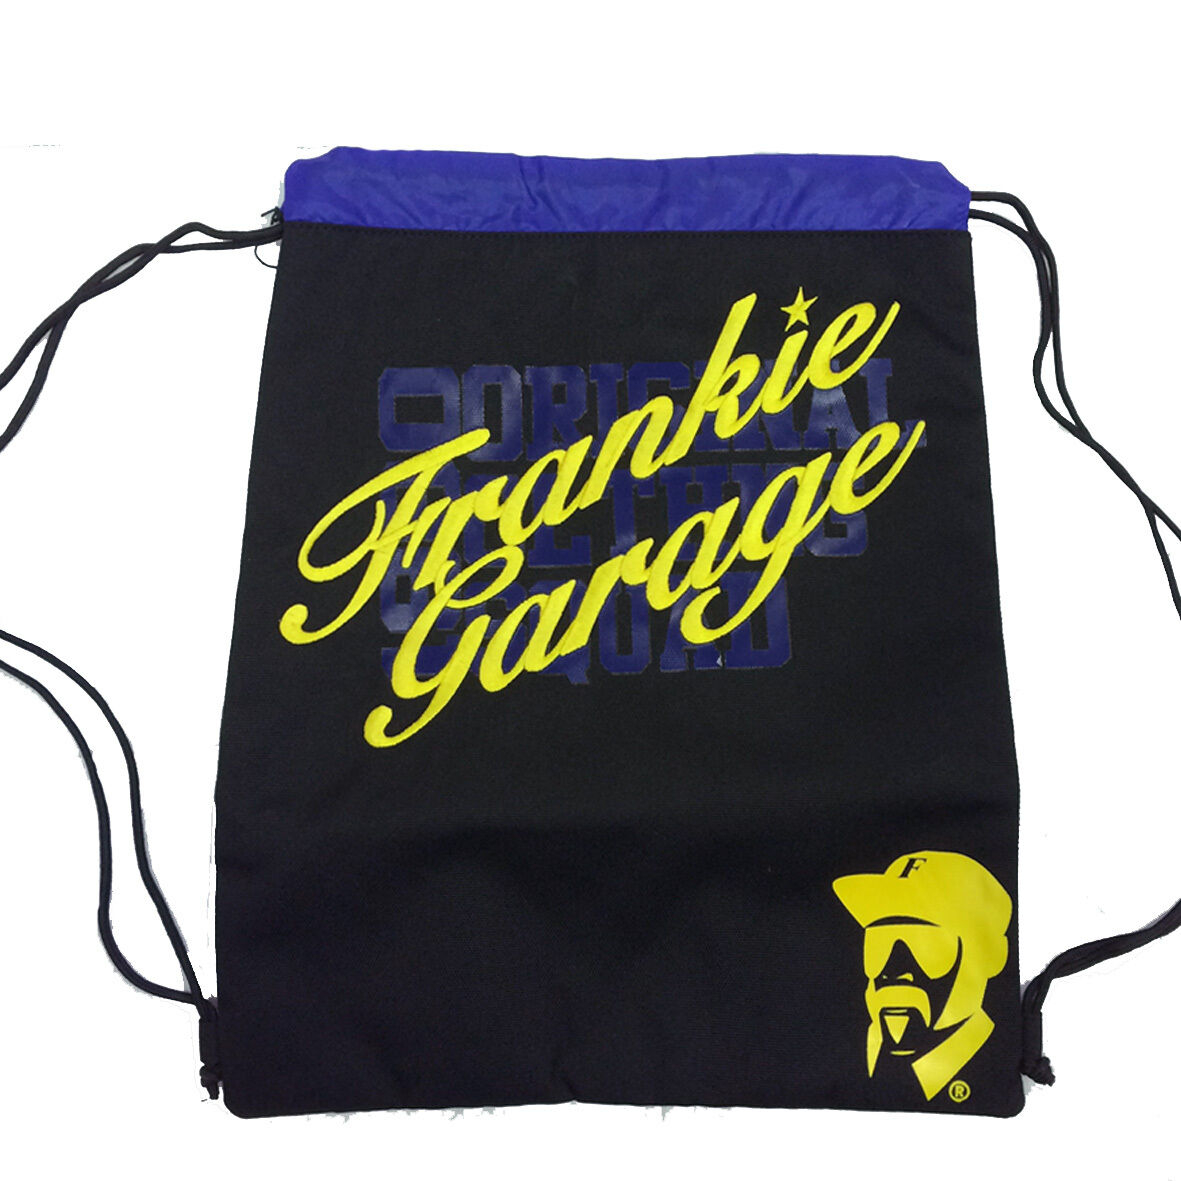 FRANKIE GARAGE Sacca zaino coulisse in cordura pesante nera e blu ricamata 41x33